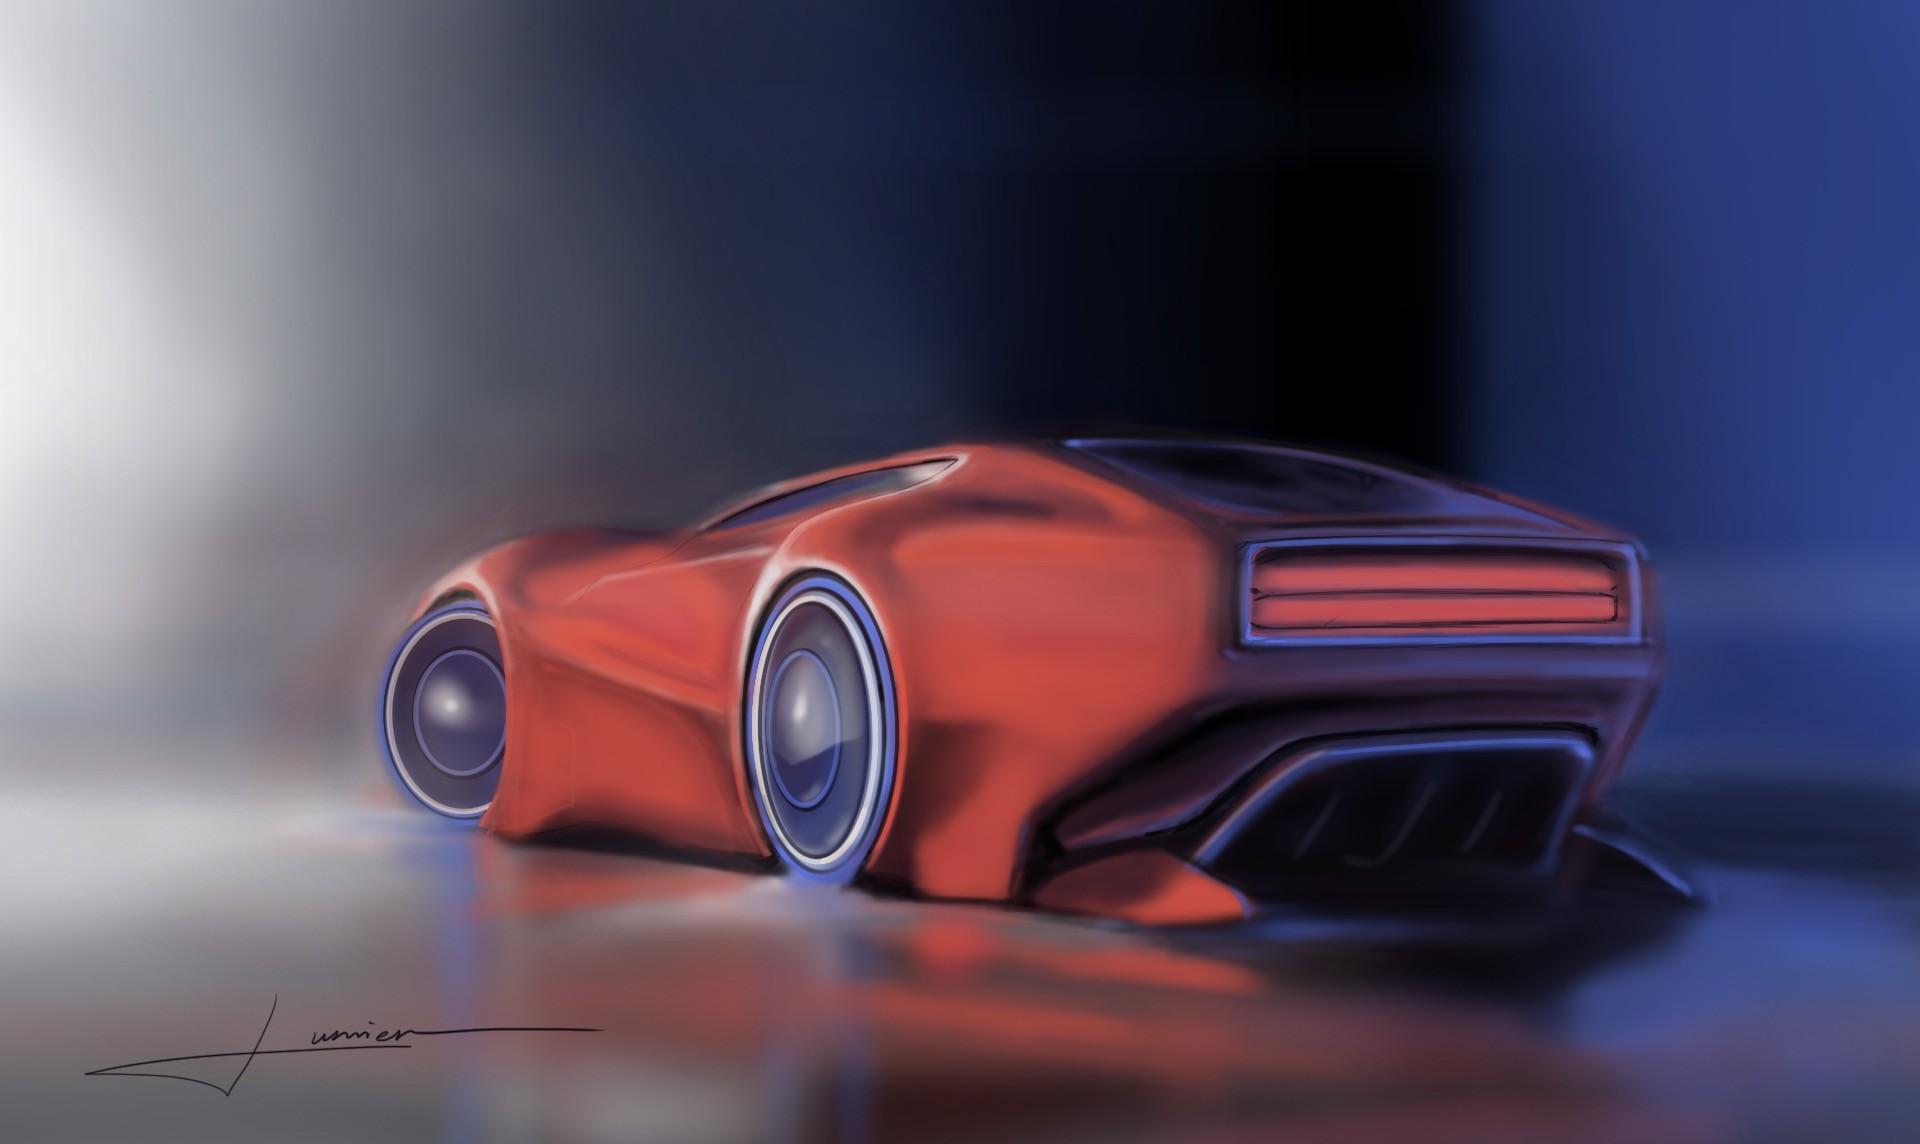 Cyberpunk Car Concept Art